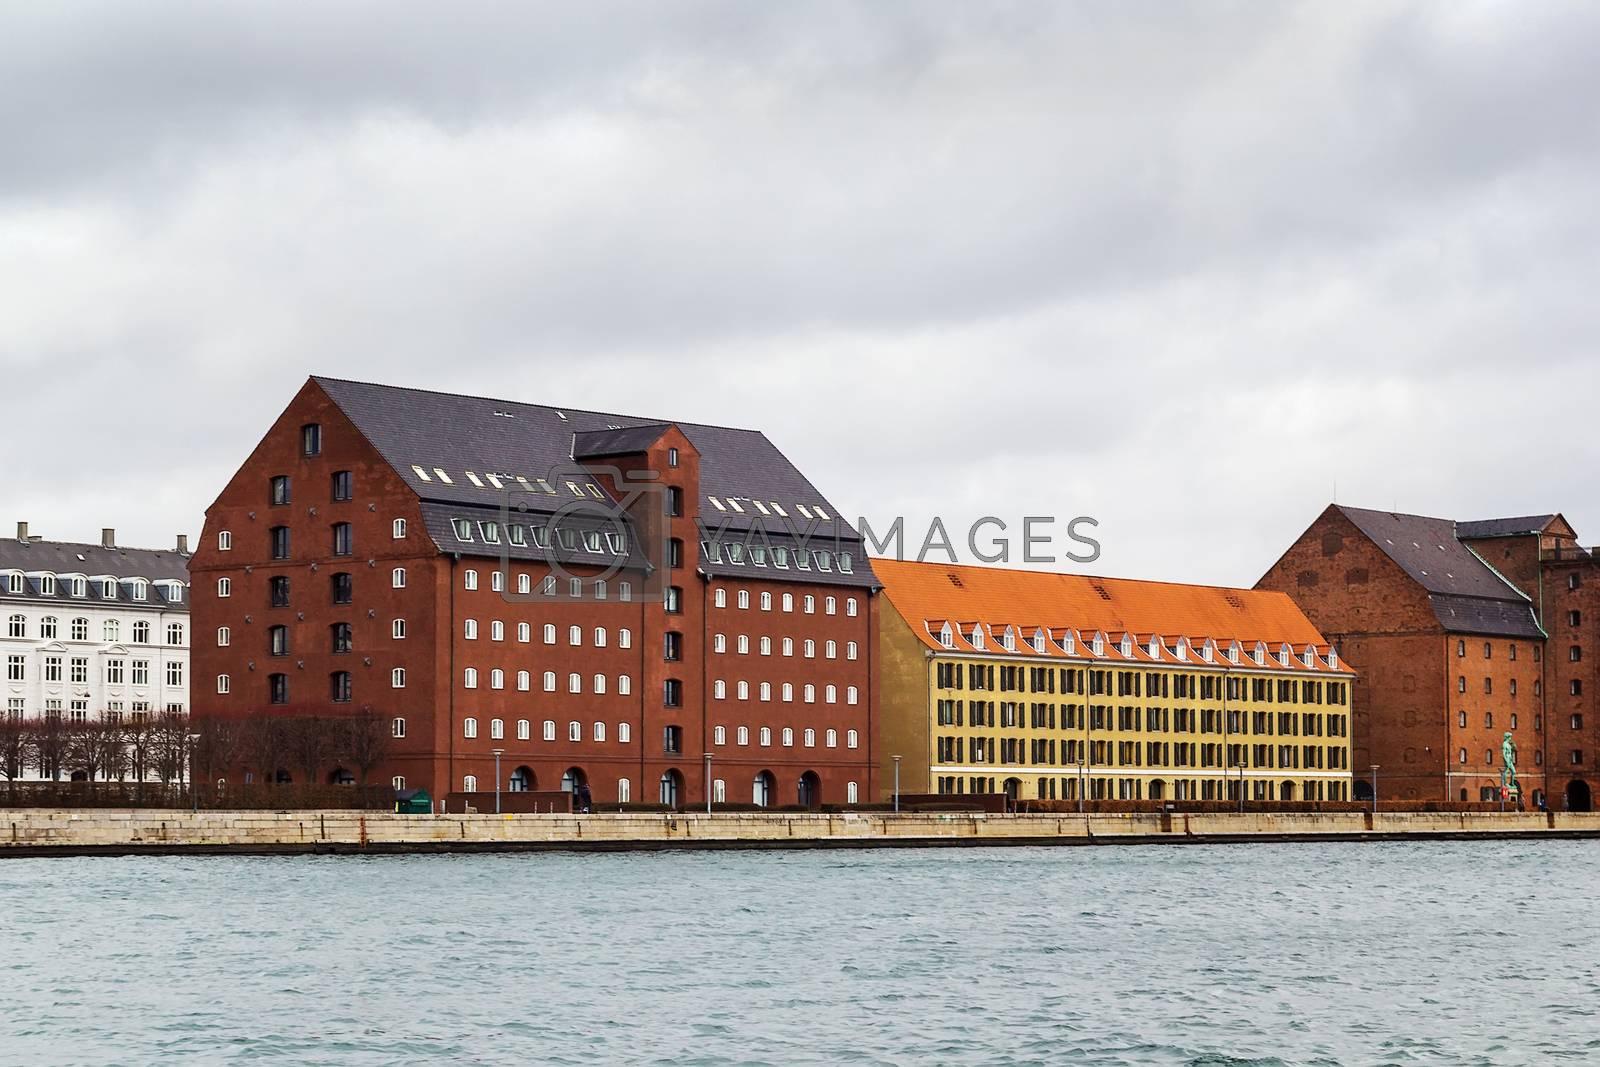 Waterfront of channel, Copenhagen by borisb17